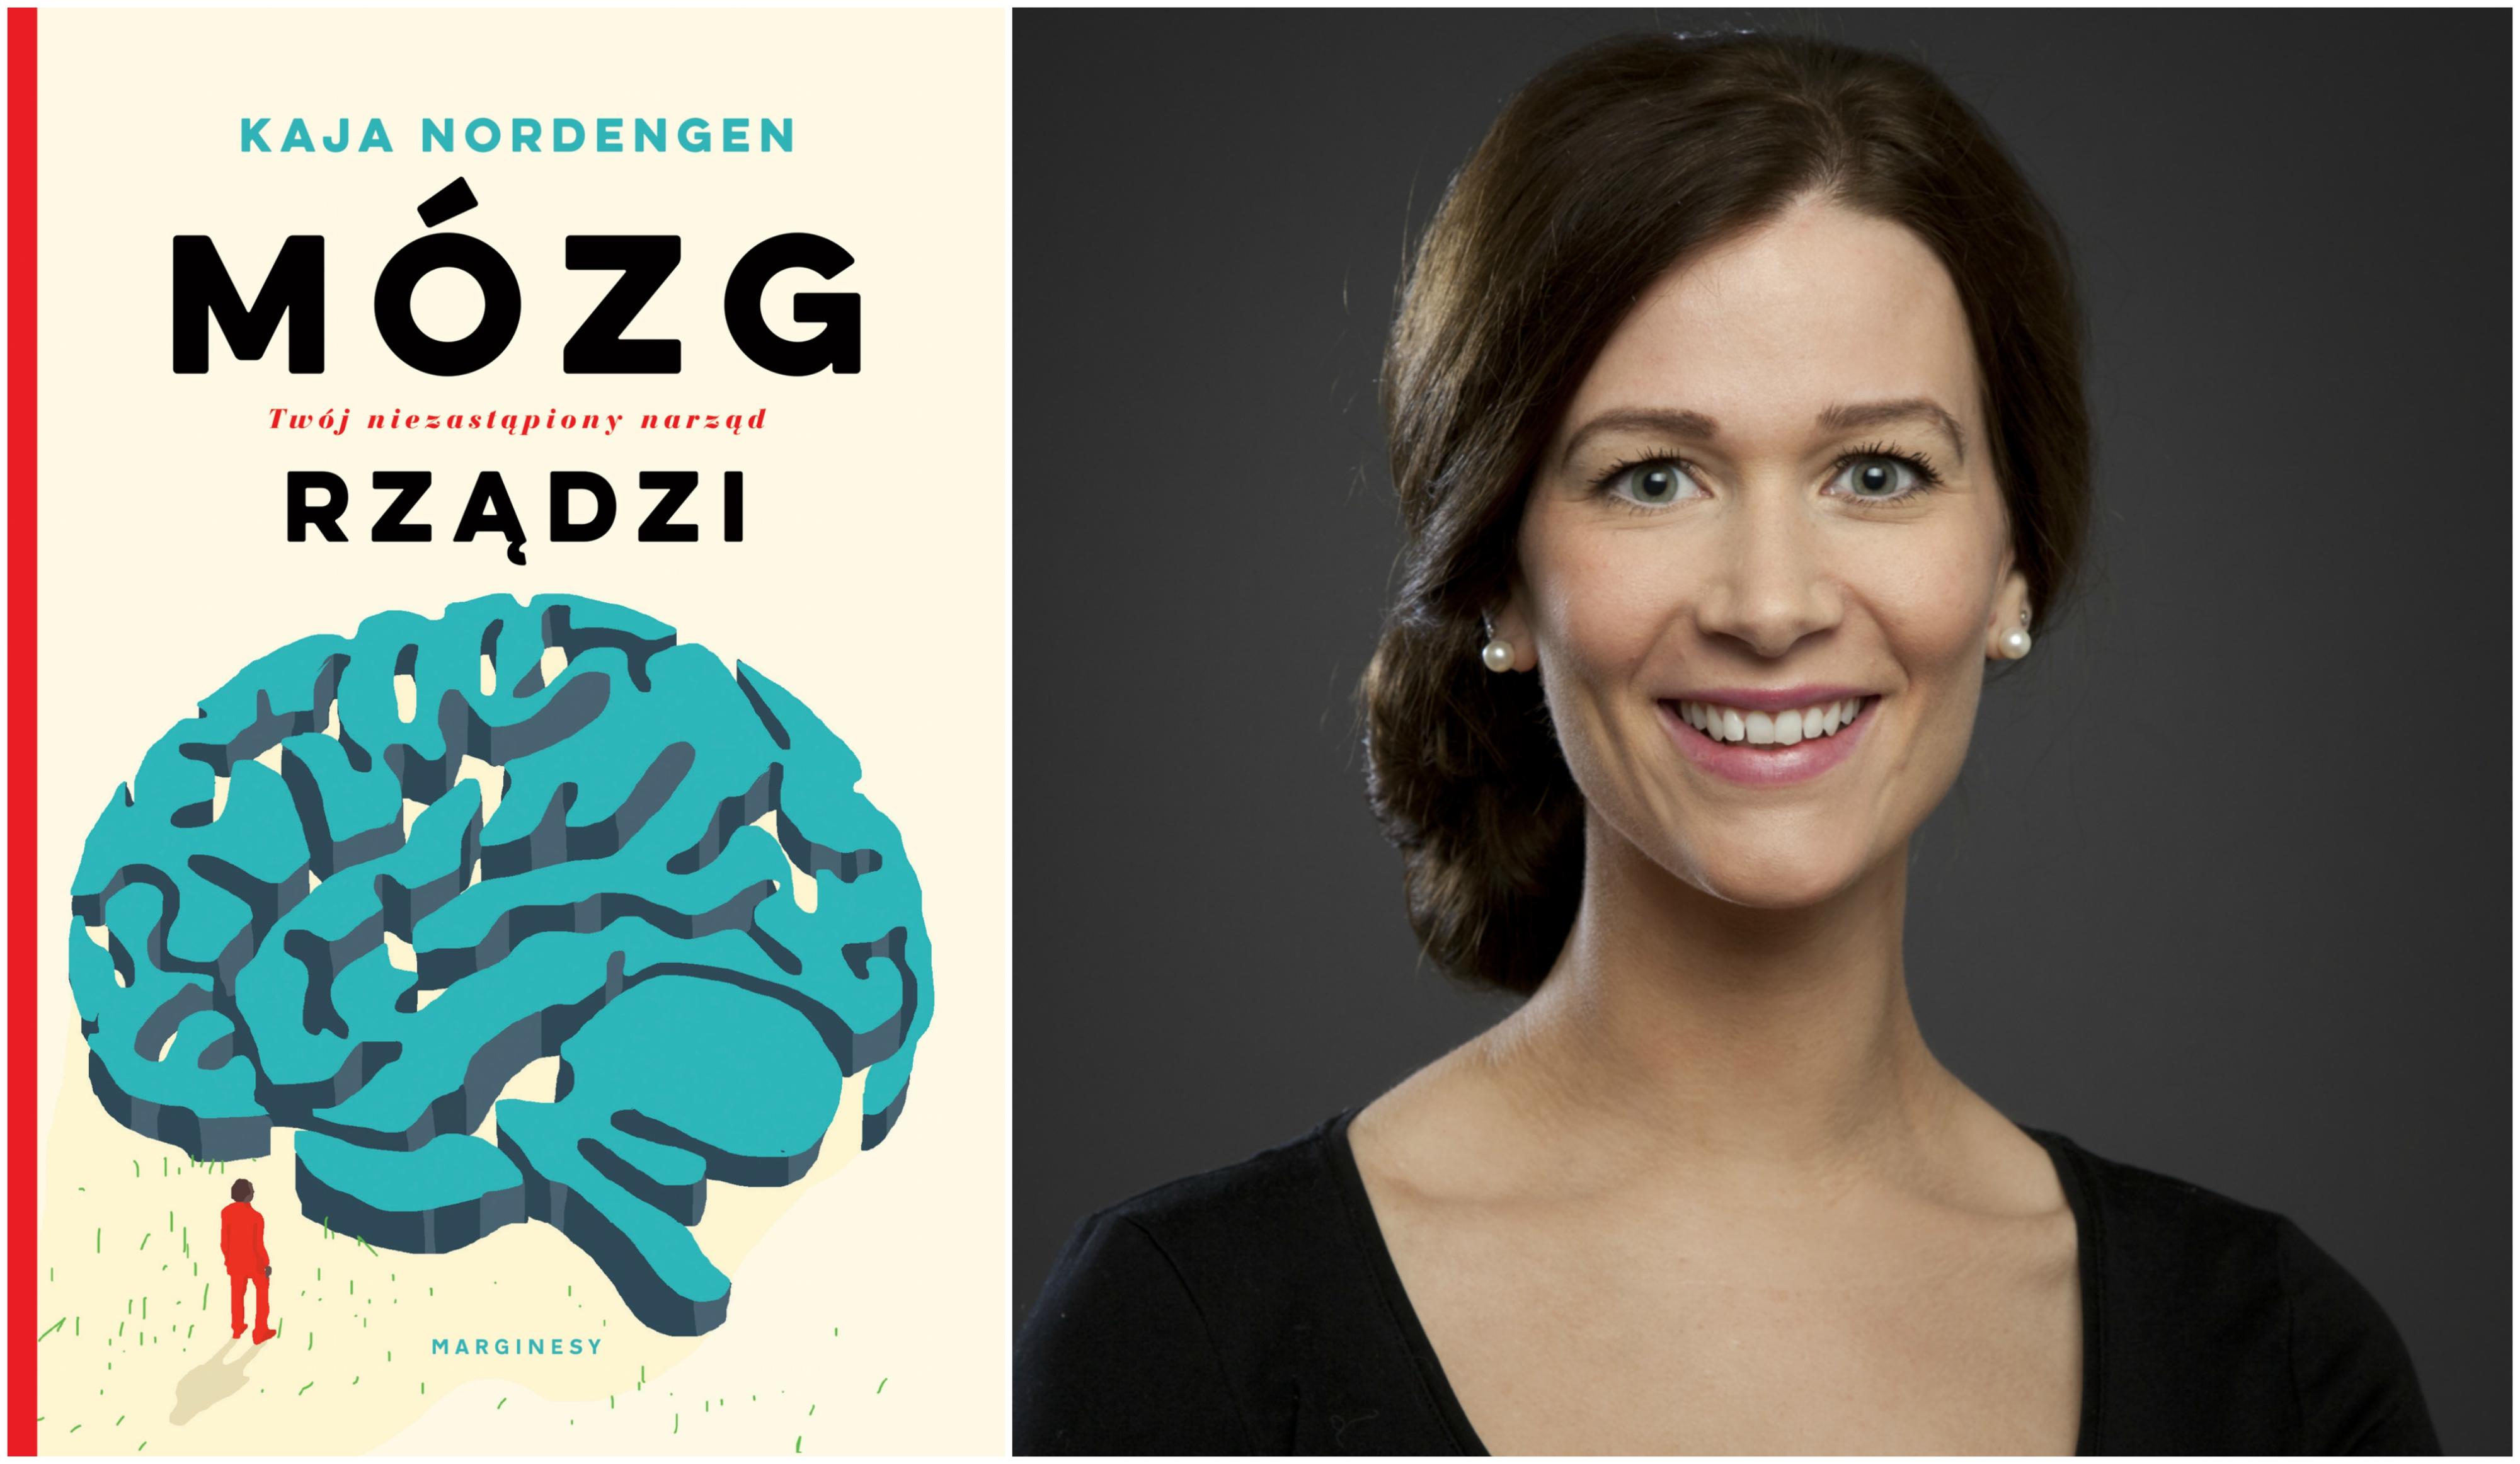 Książka 'Mózg rządzi. Twój niezastąpiony narząd' w polskim przekładzie Mileny Skoczko ukazała się nakładem Wydawnictwa Marginesy (fot. materiały prasowe)